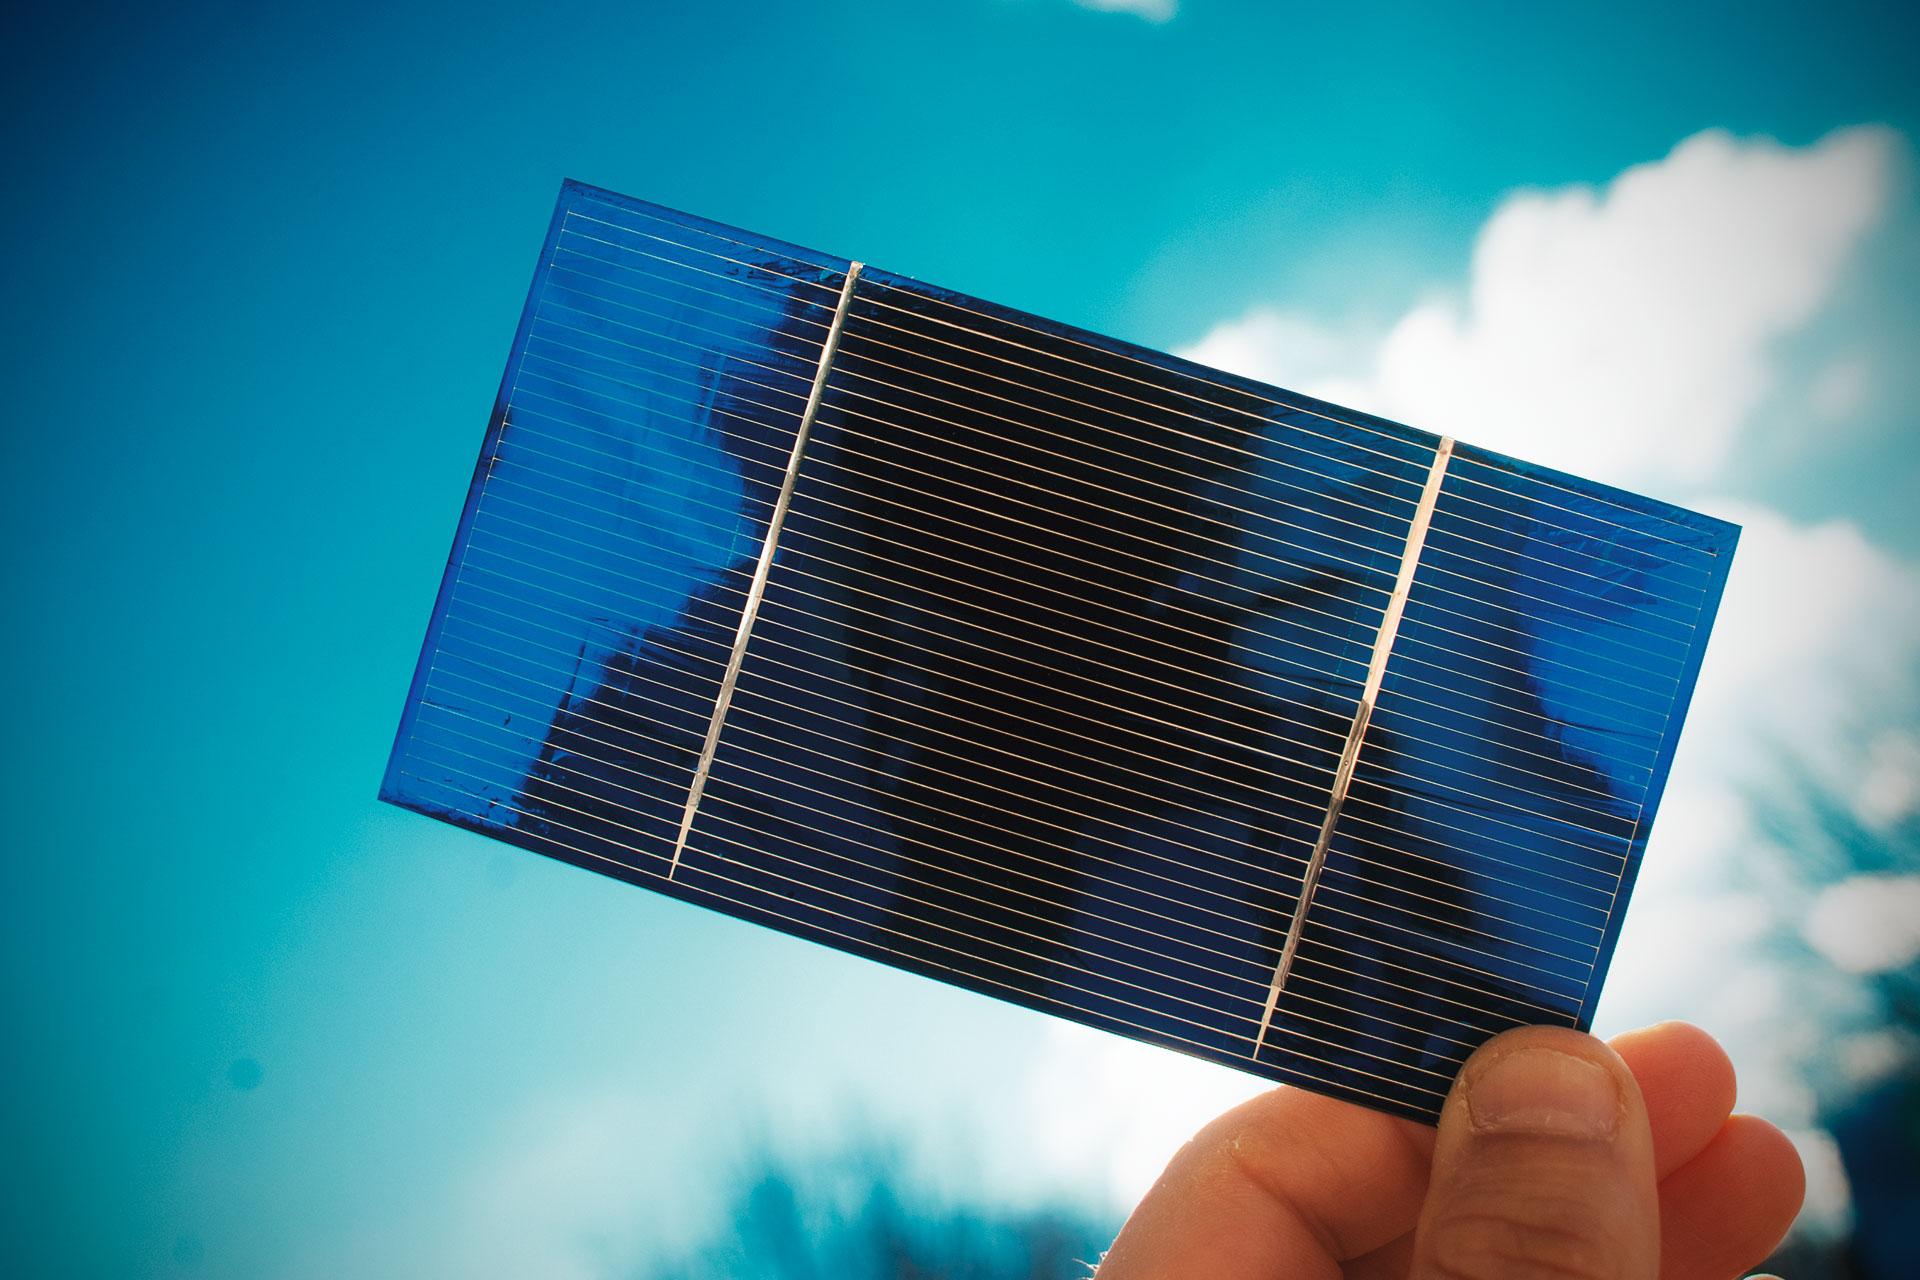 come accumulare energia fotovoltaica